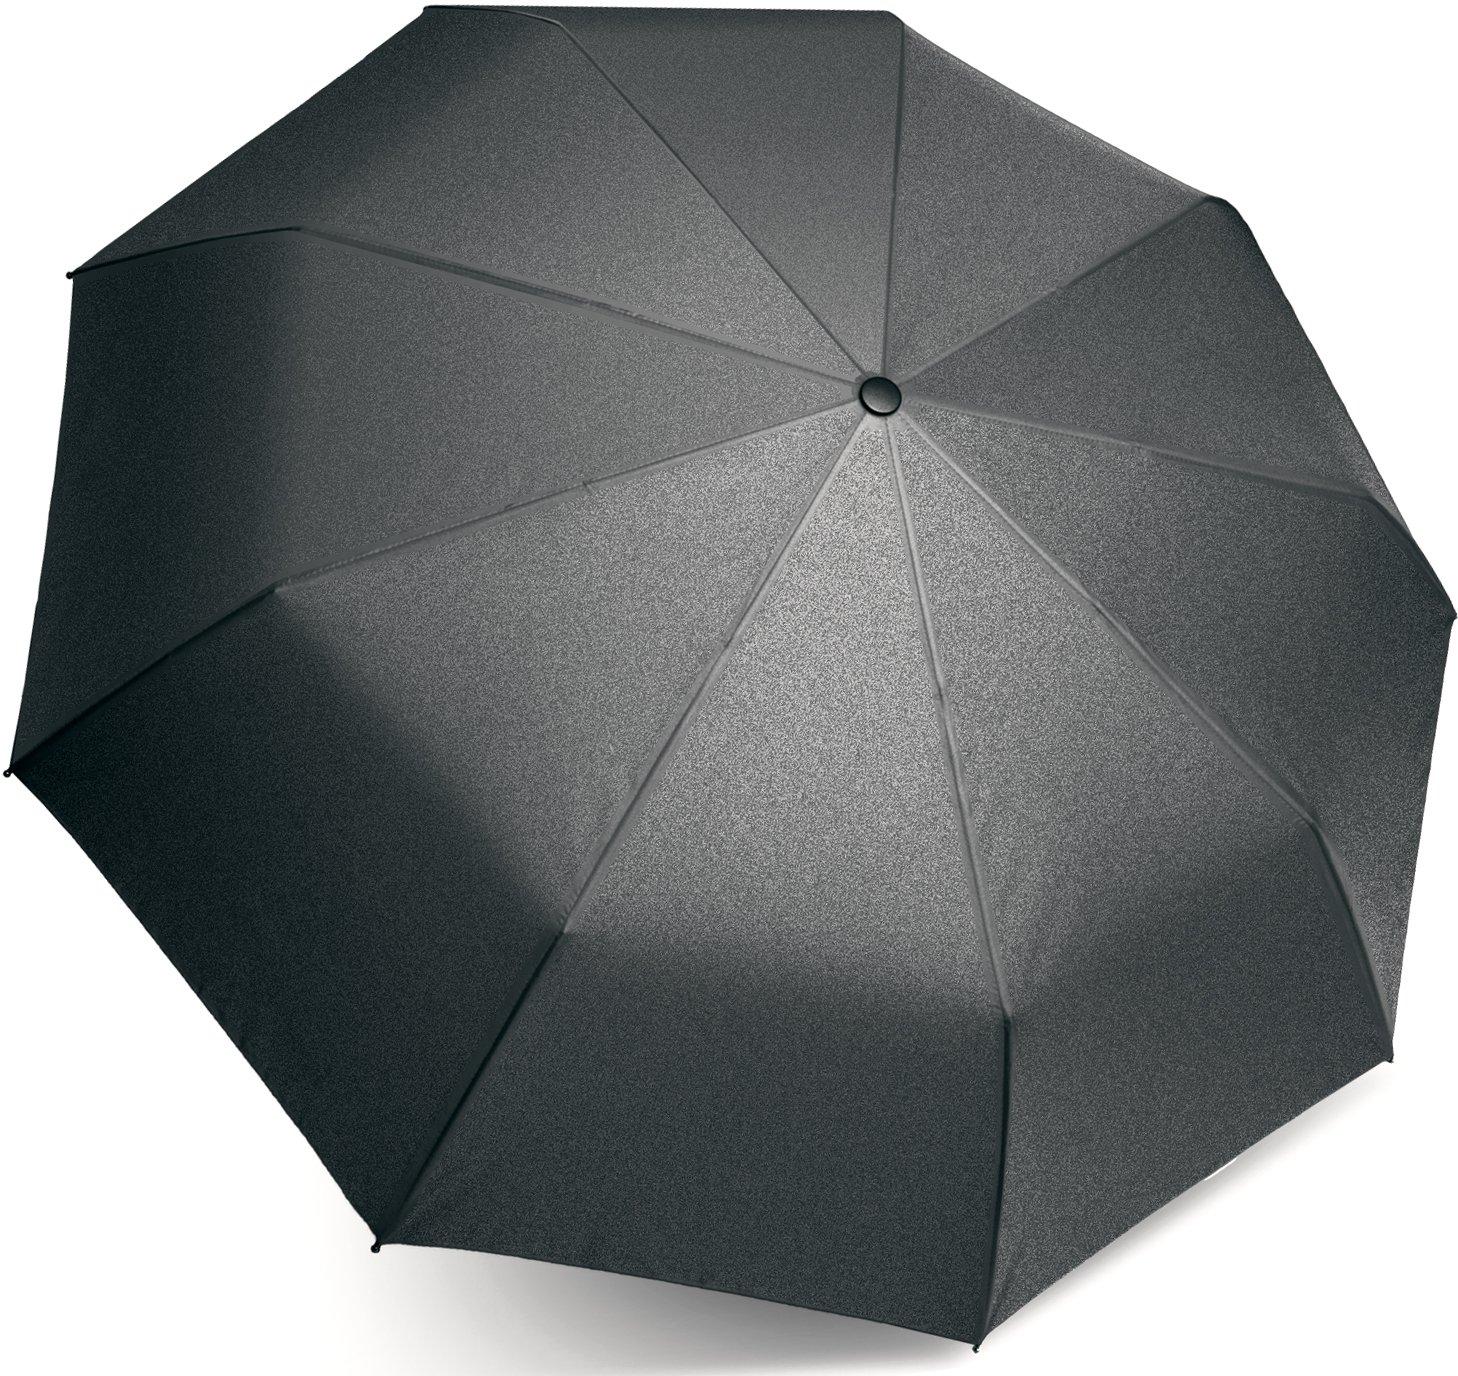 Automatic Travel Umbrella with Auto Open Close (Black)